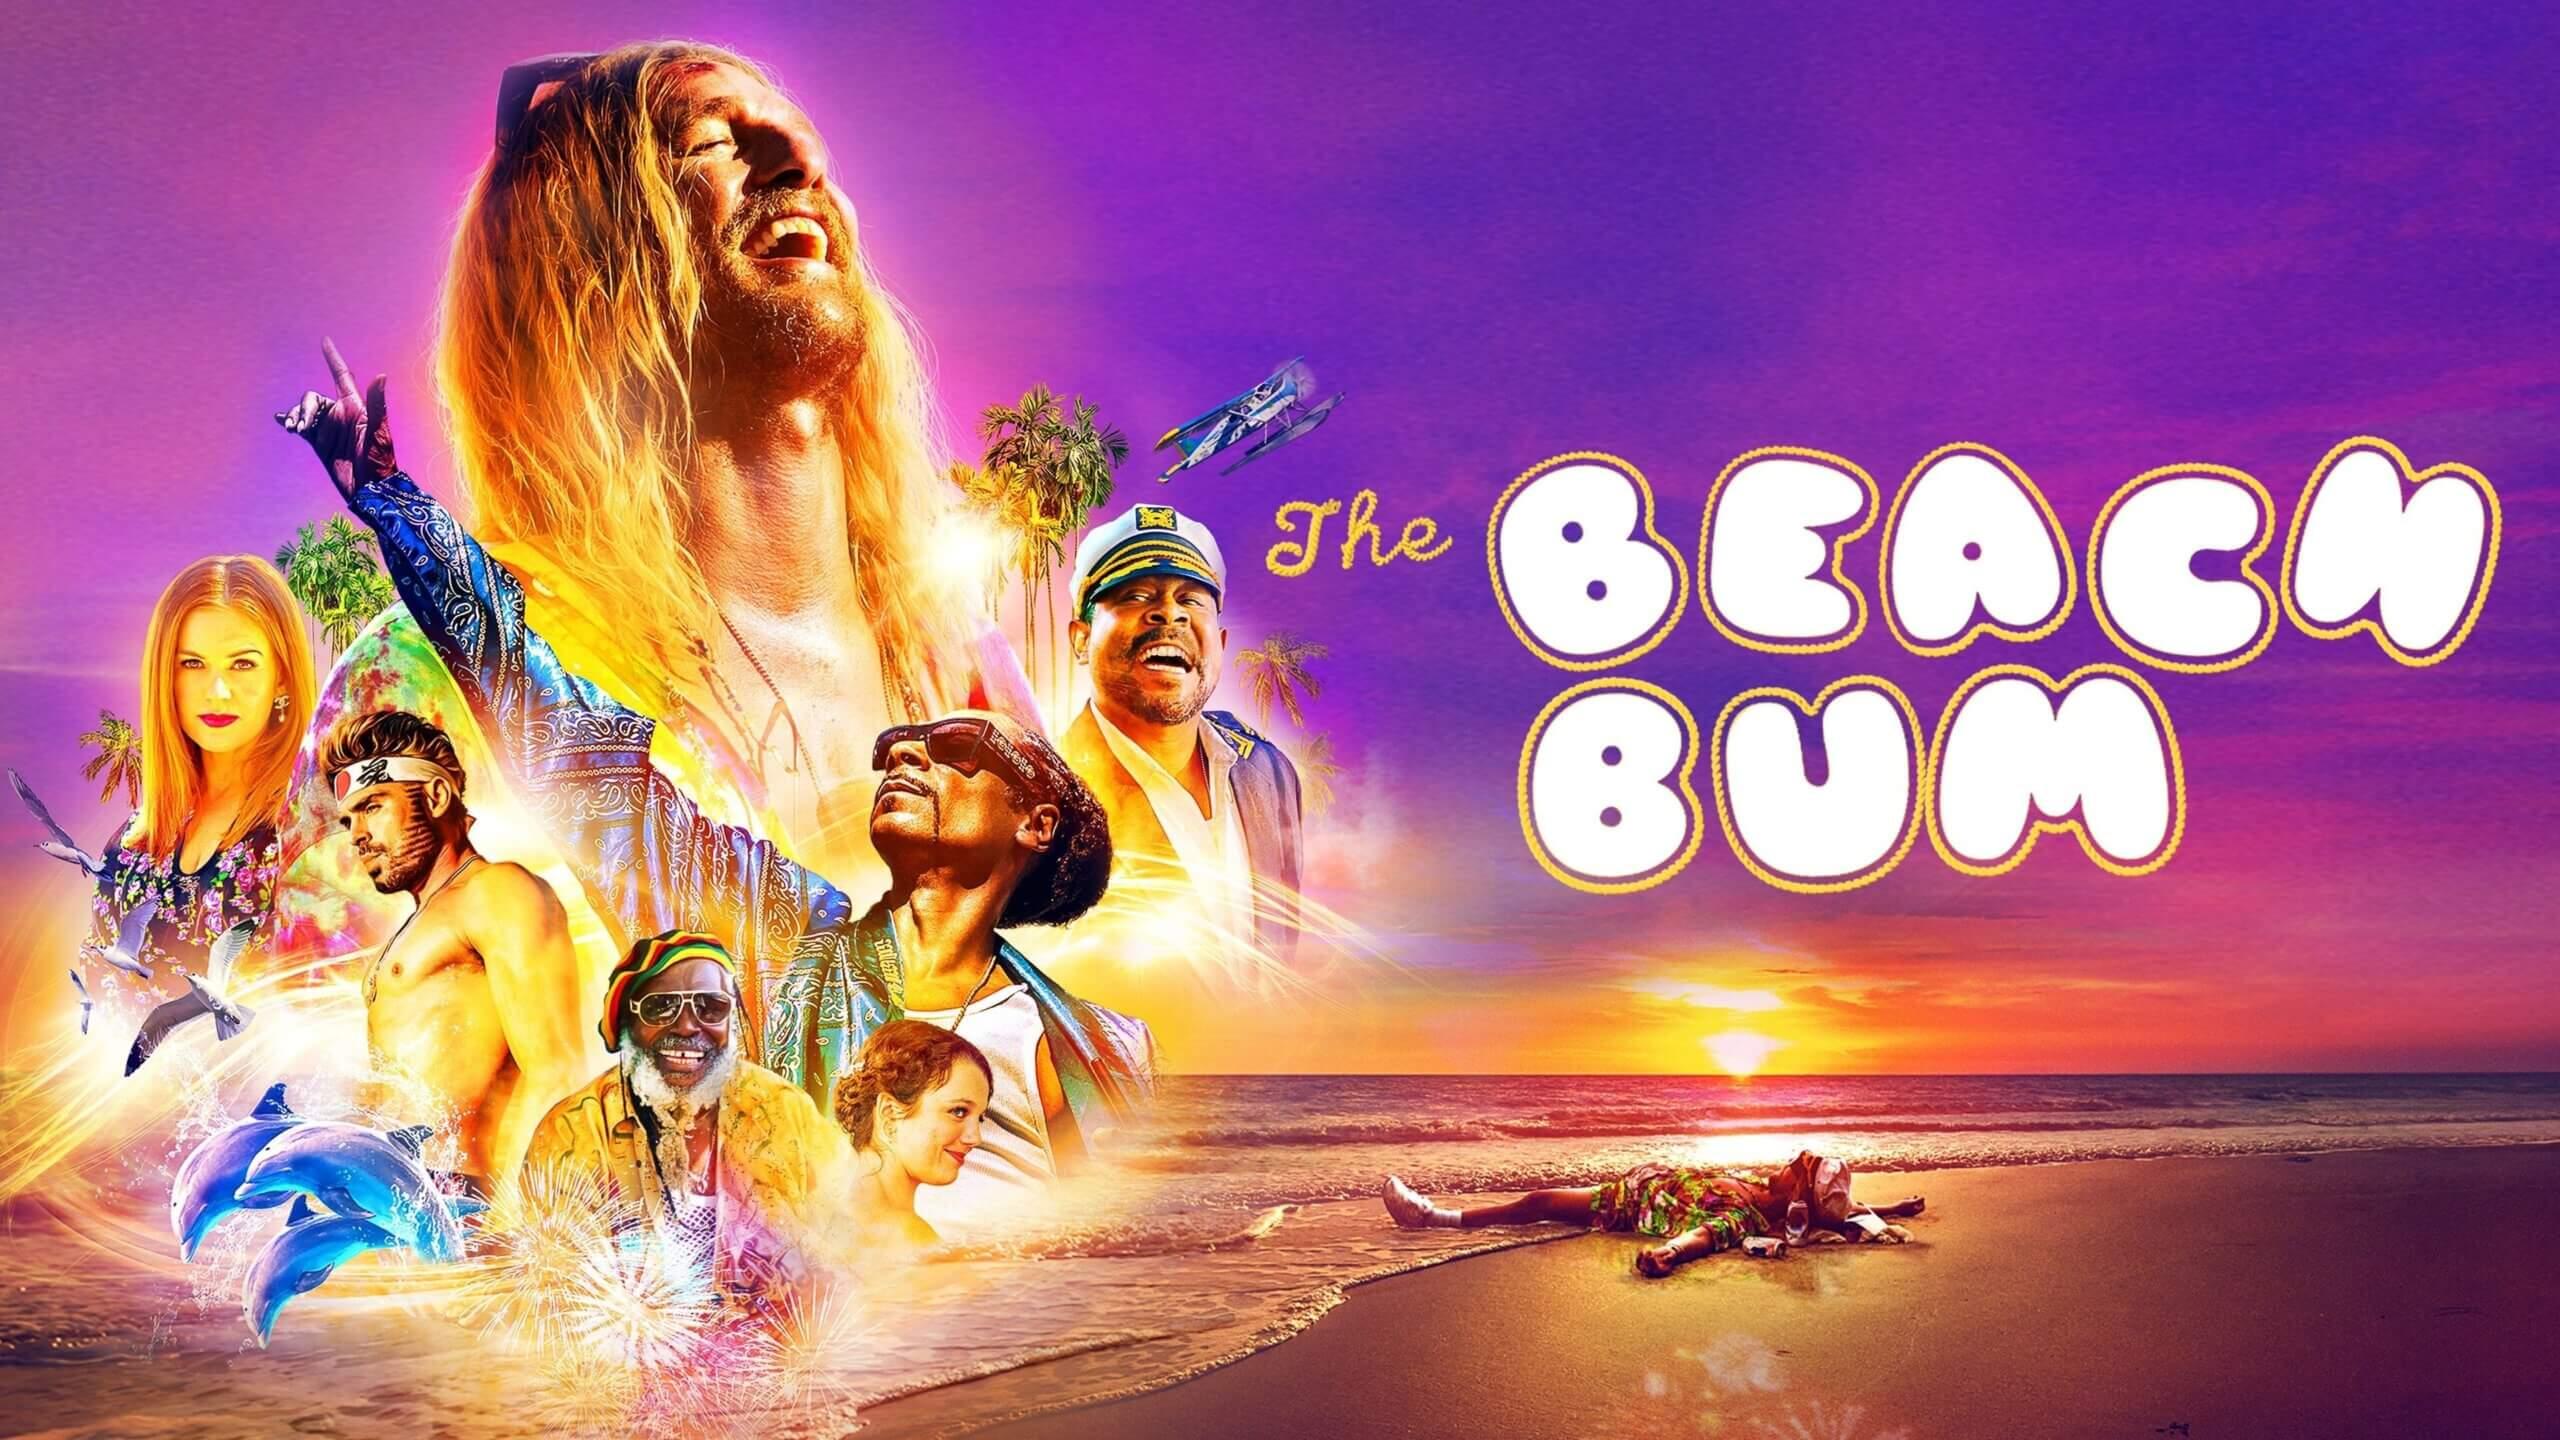 the-beach-bum-movie-2019-matthew-macconaughey